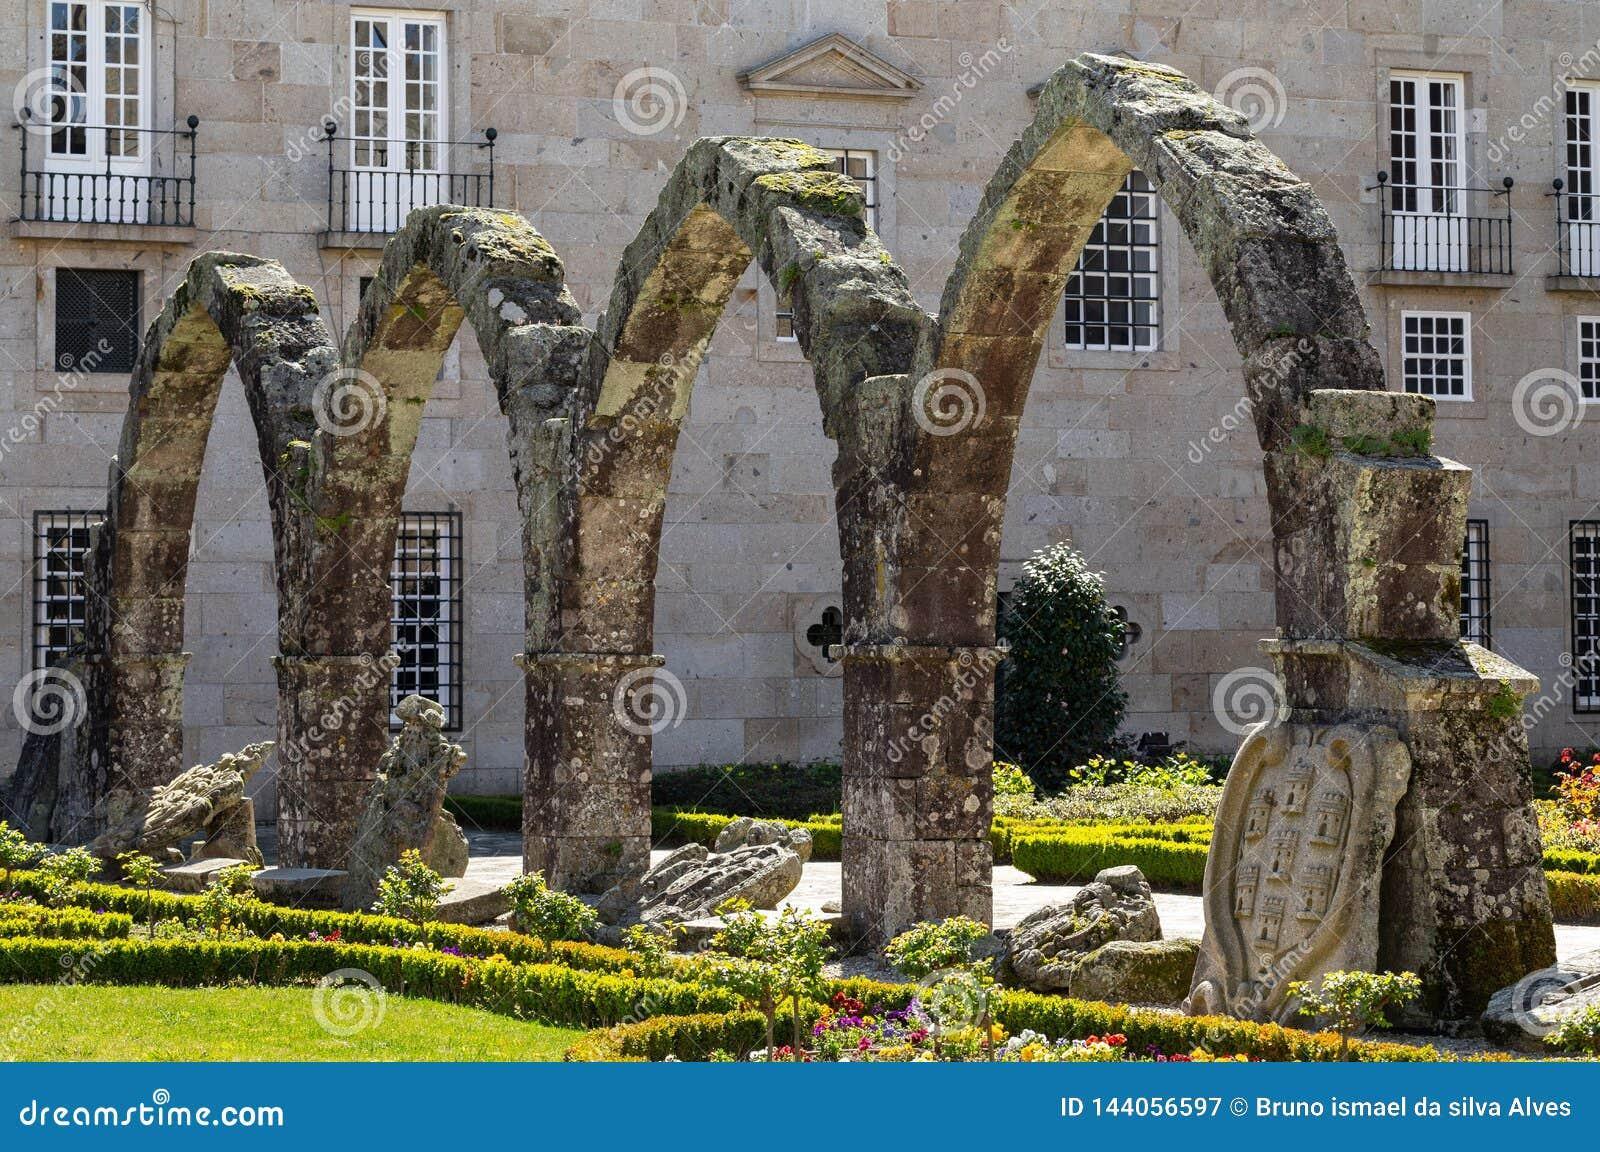 De overblijfselen van de middeleeuwse arcade van het paleis die de zuidwestenhoek van de tuin van Santa Barbara in Braga vormen